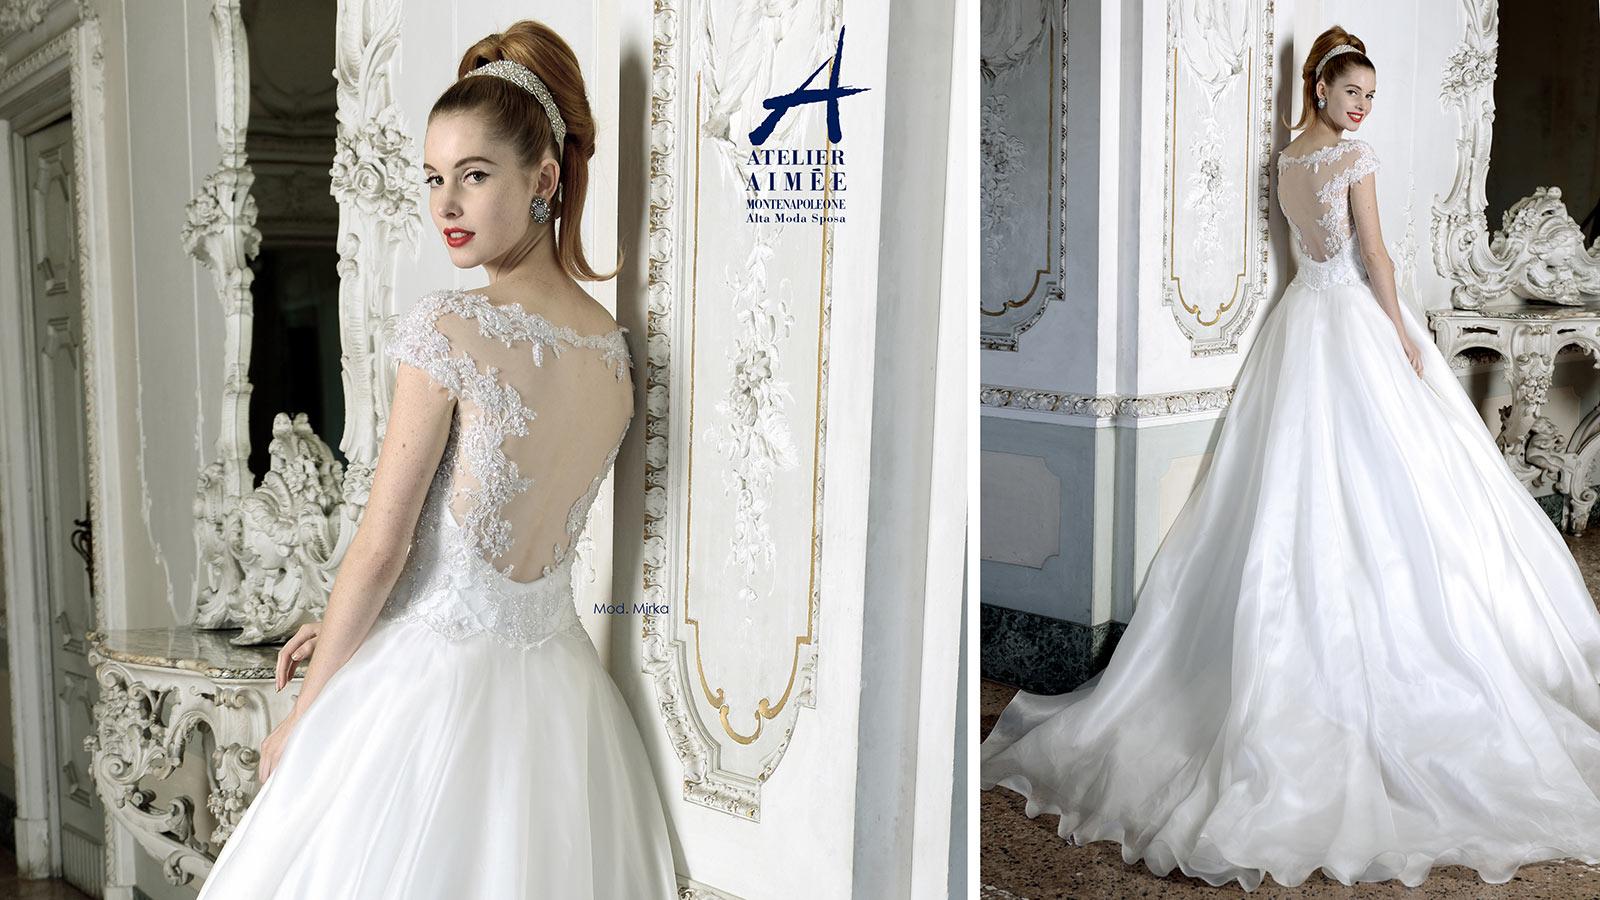 3bfd91208480 Atelier Aimee collezione 2015 abiti sposa (3)